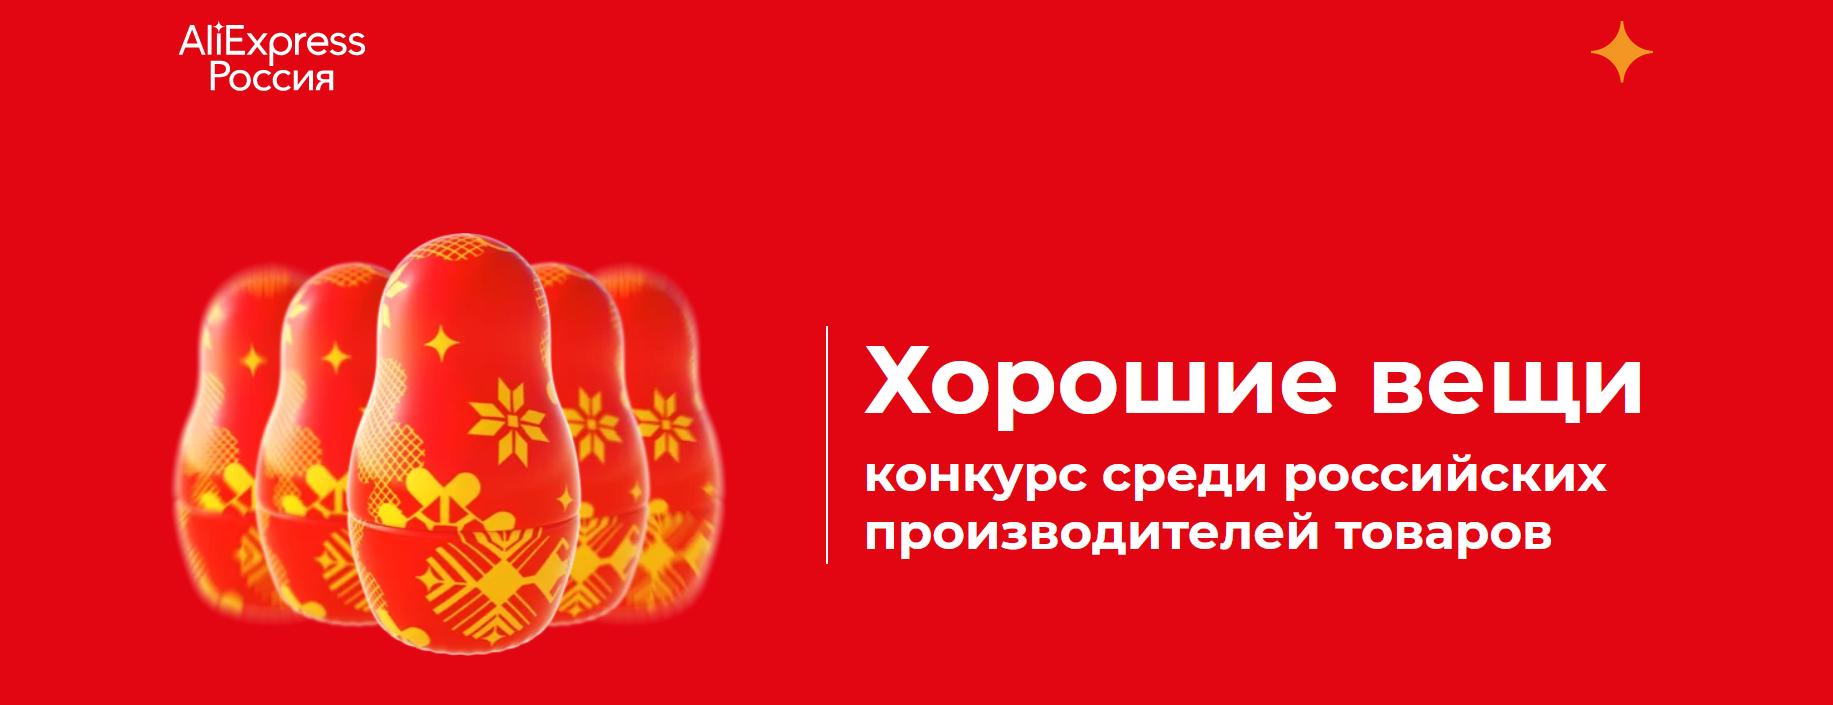 Ювелирная компания из Арзамаса стала призером конкурса «Хорошие вещи»